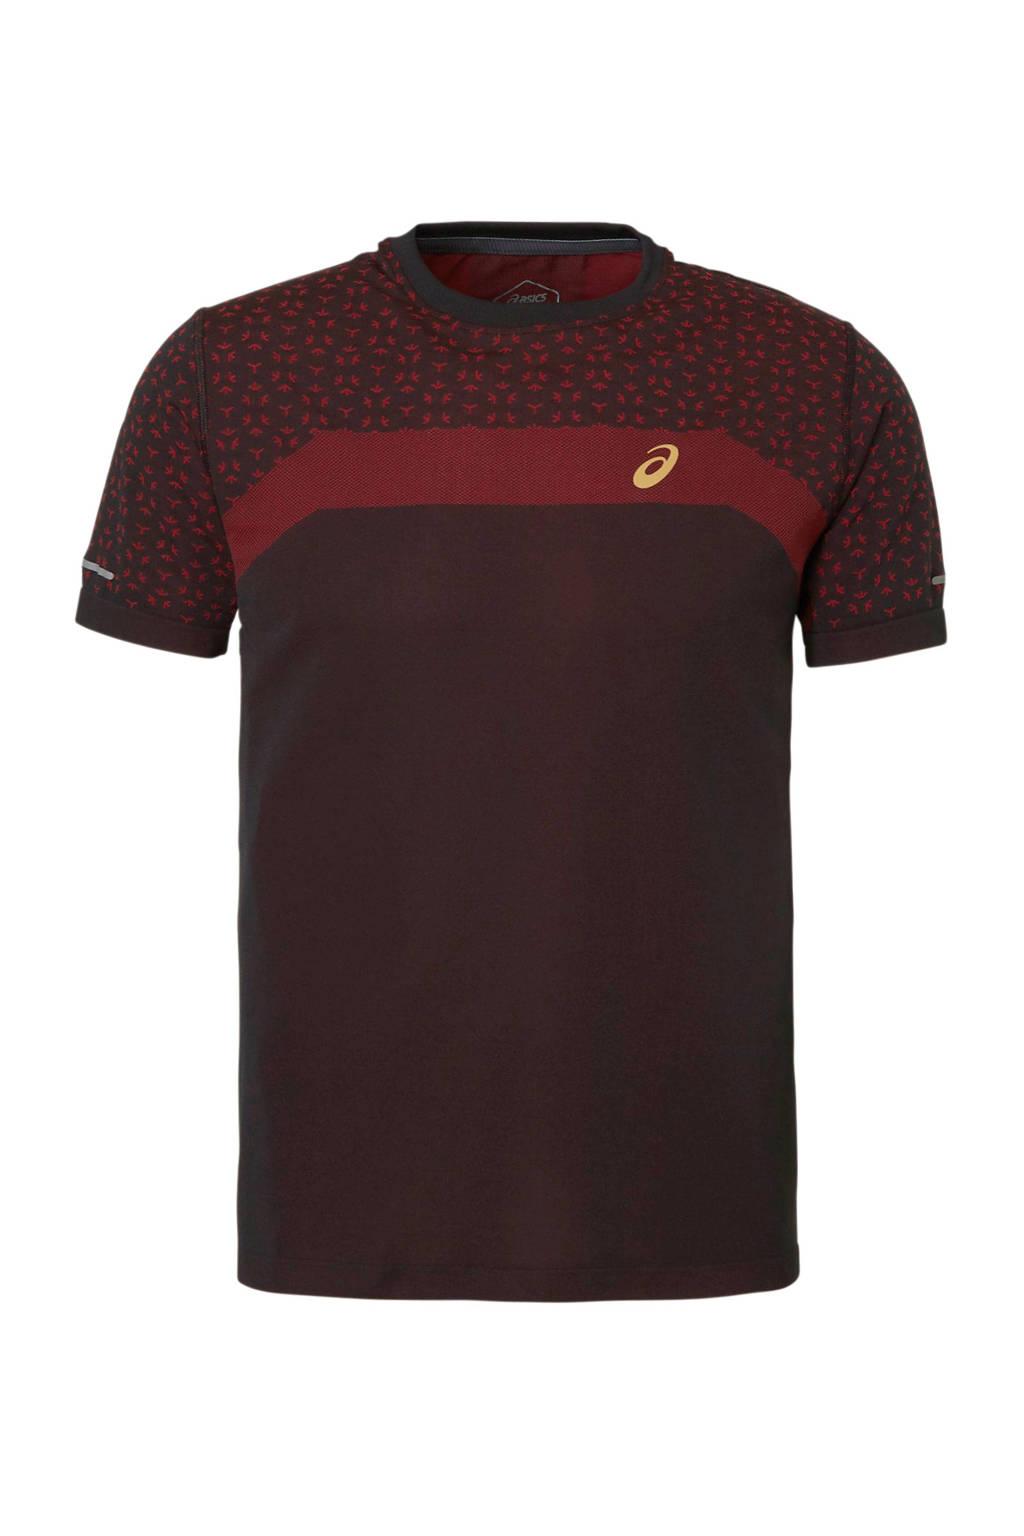 ASICS   hardloop T-shirt donkerrood, Rood